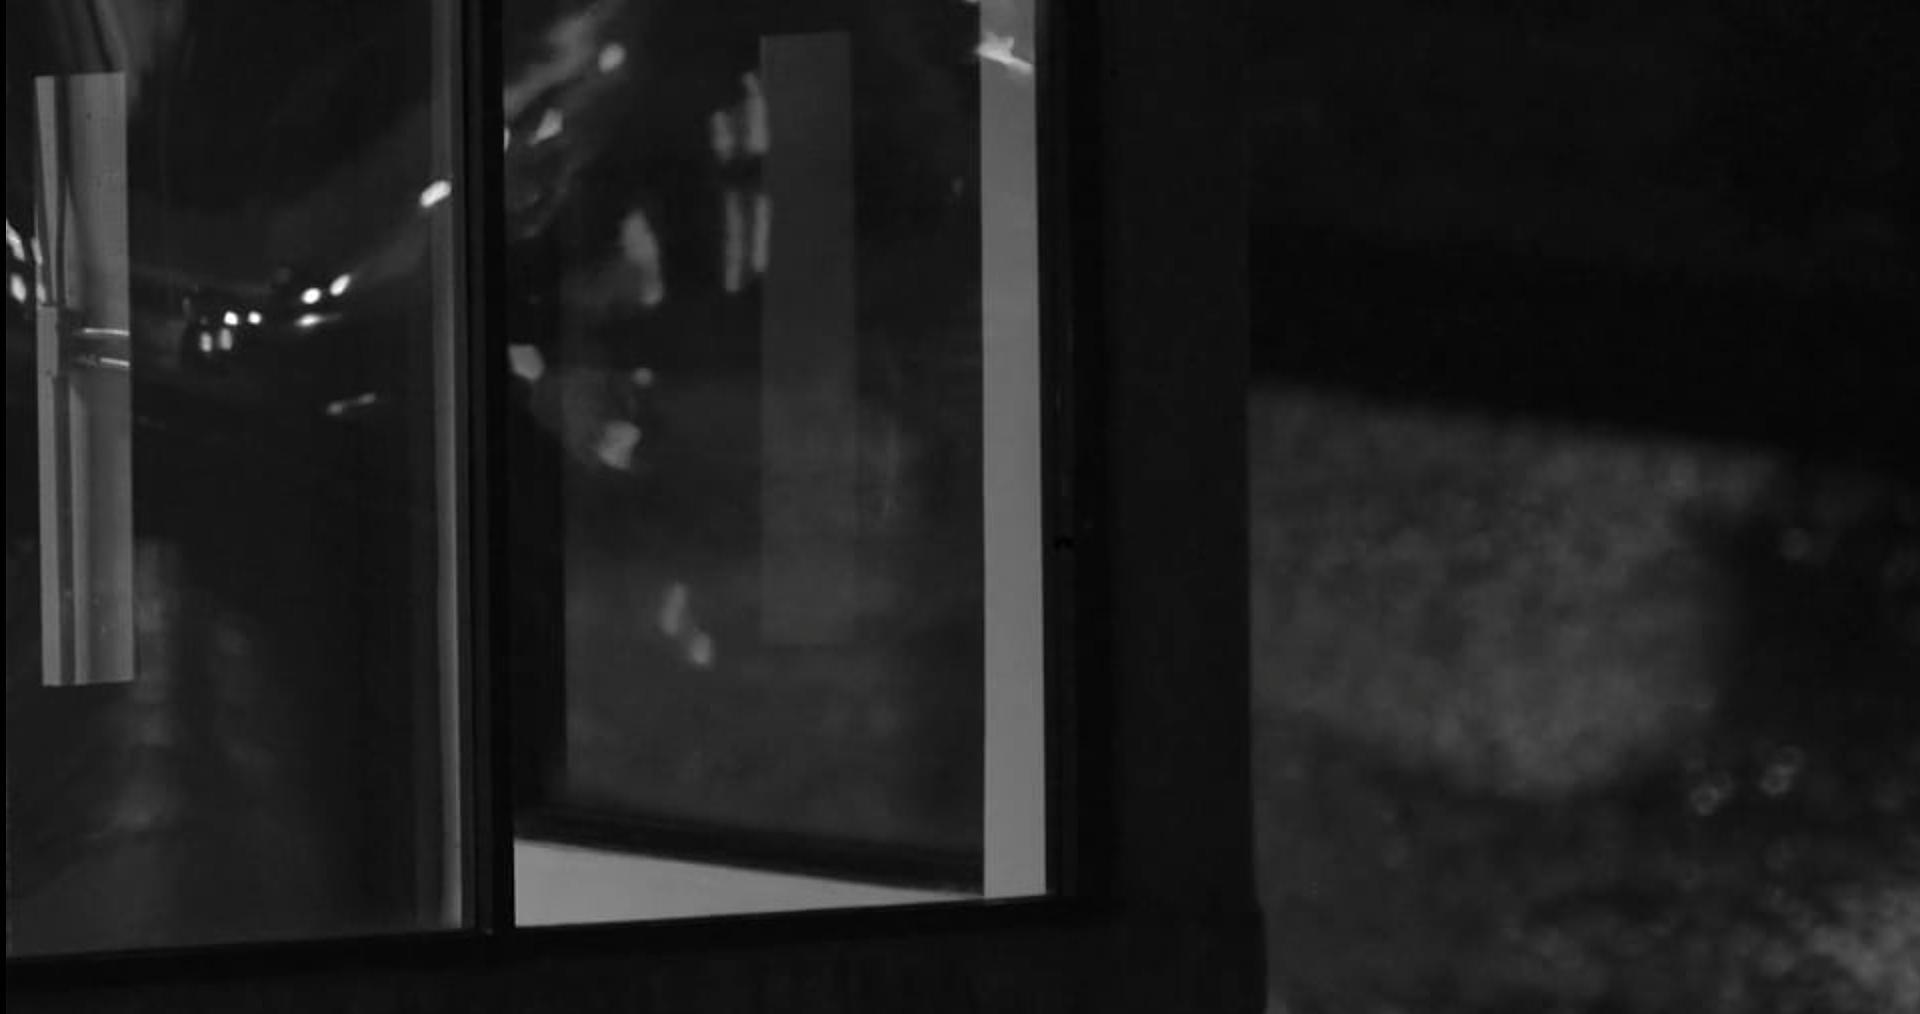 untitled #5, ny reflexions